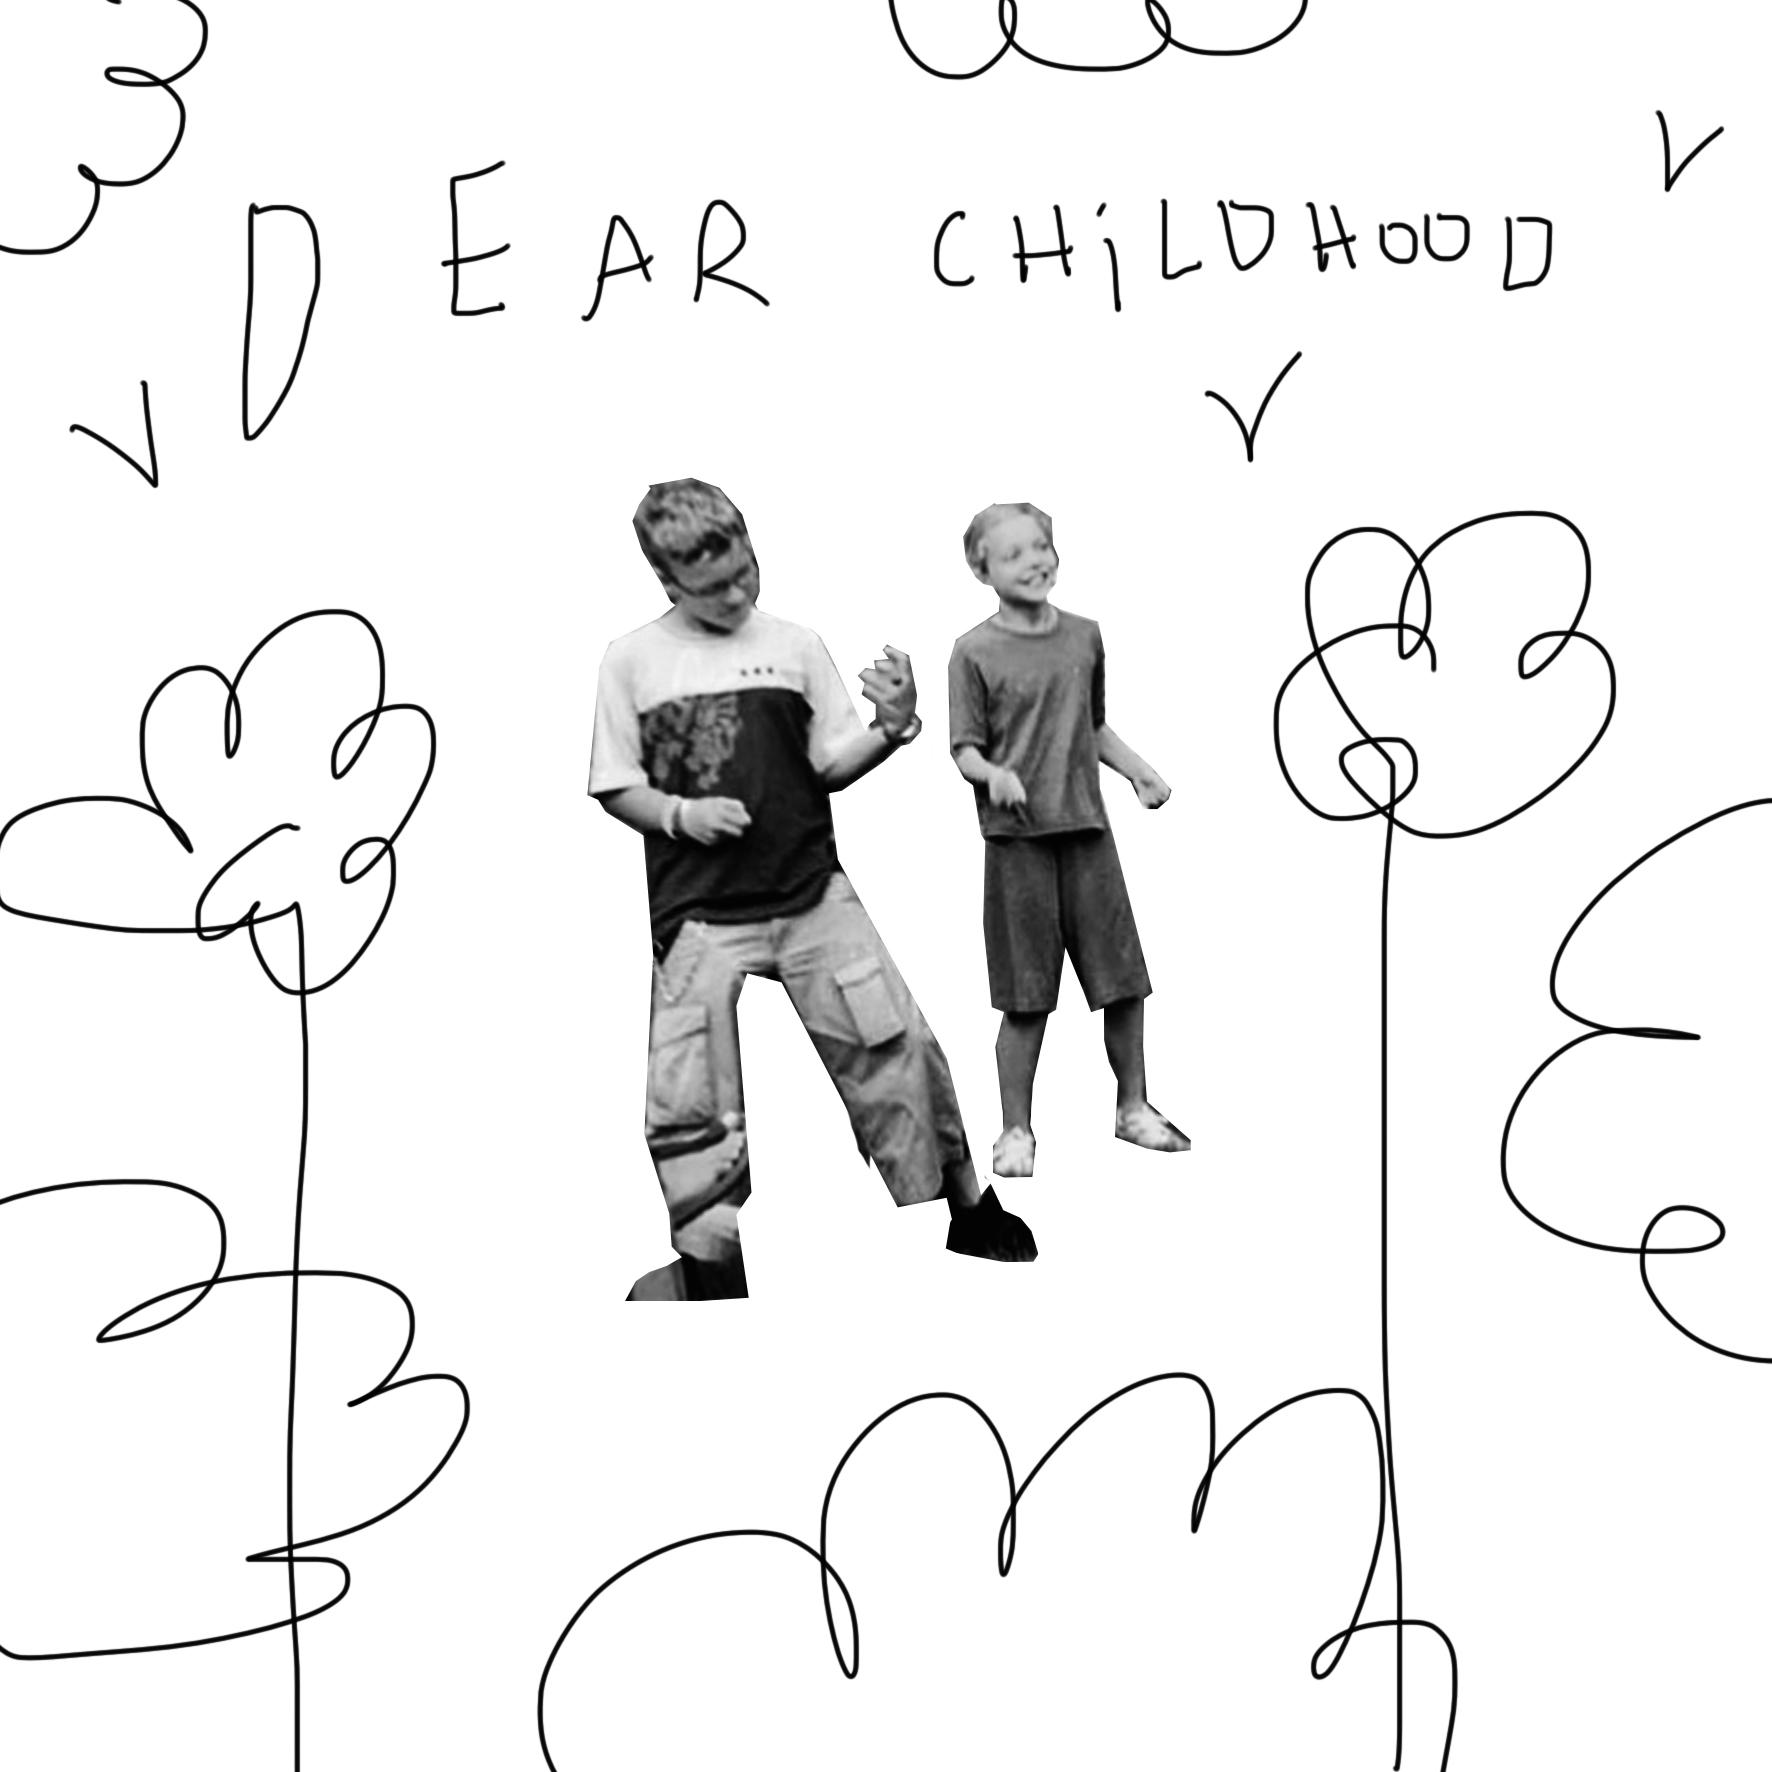 dearchildhood